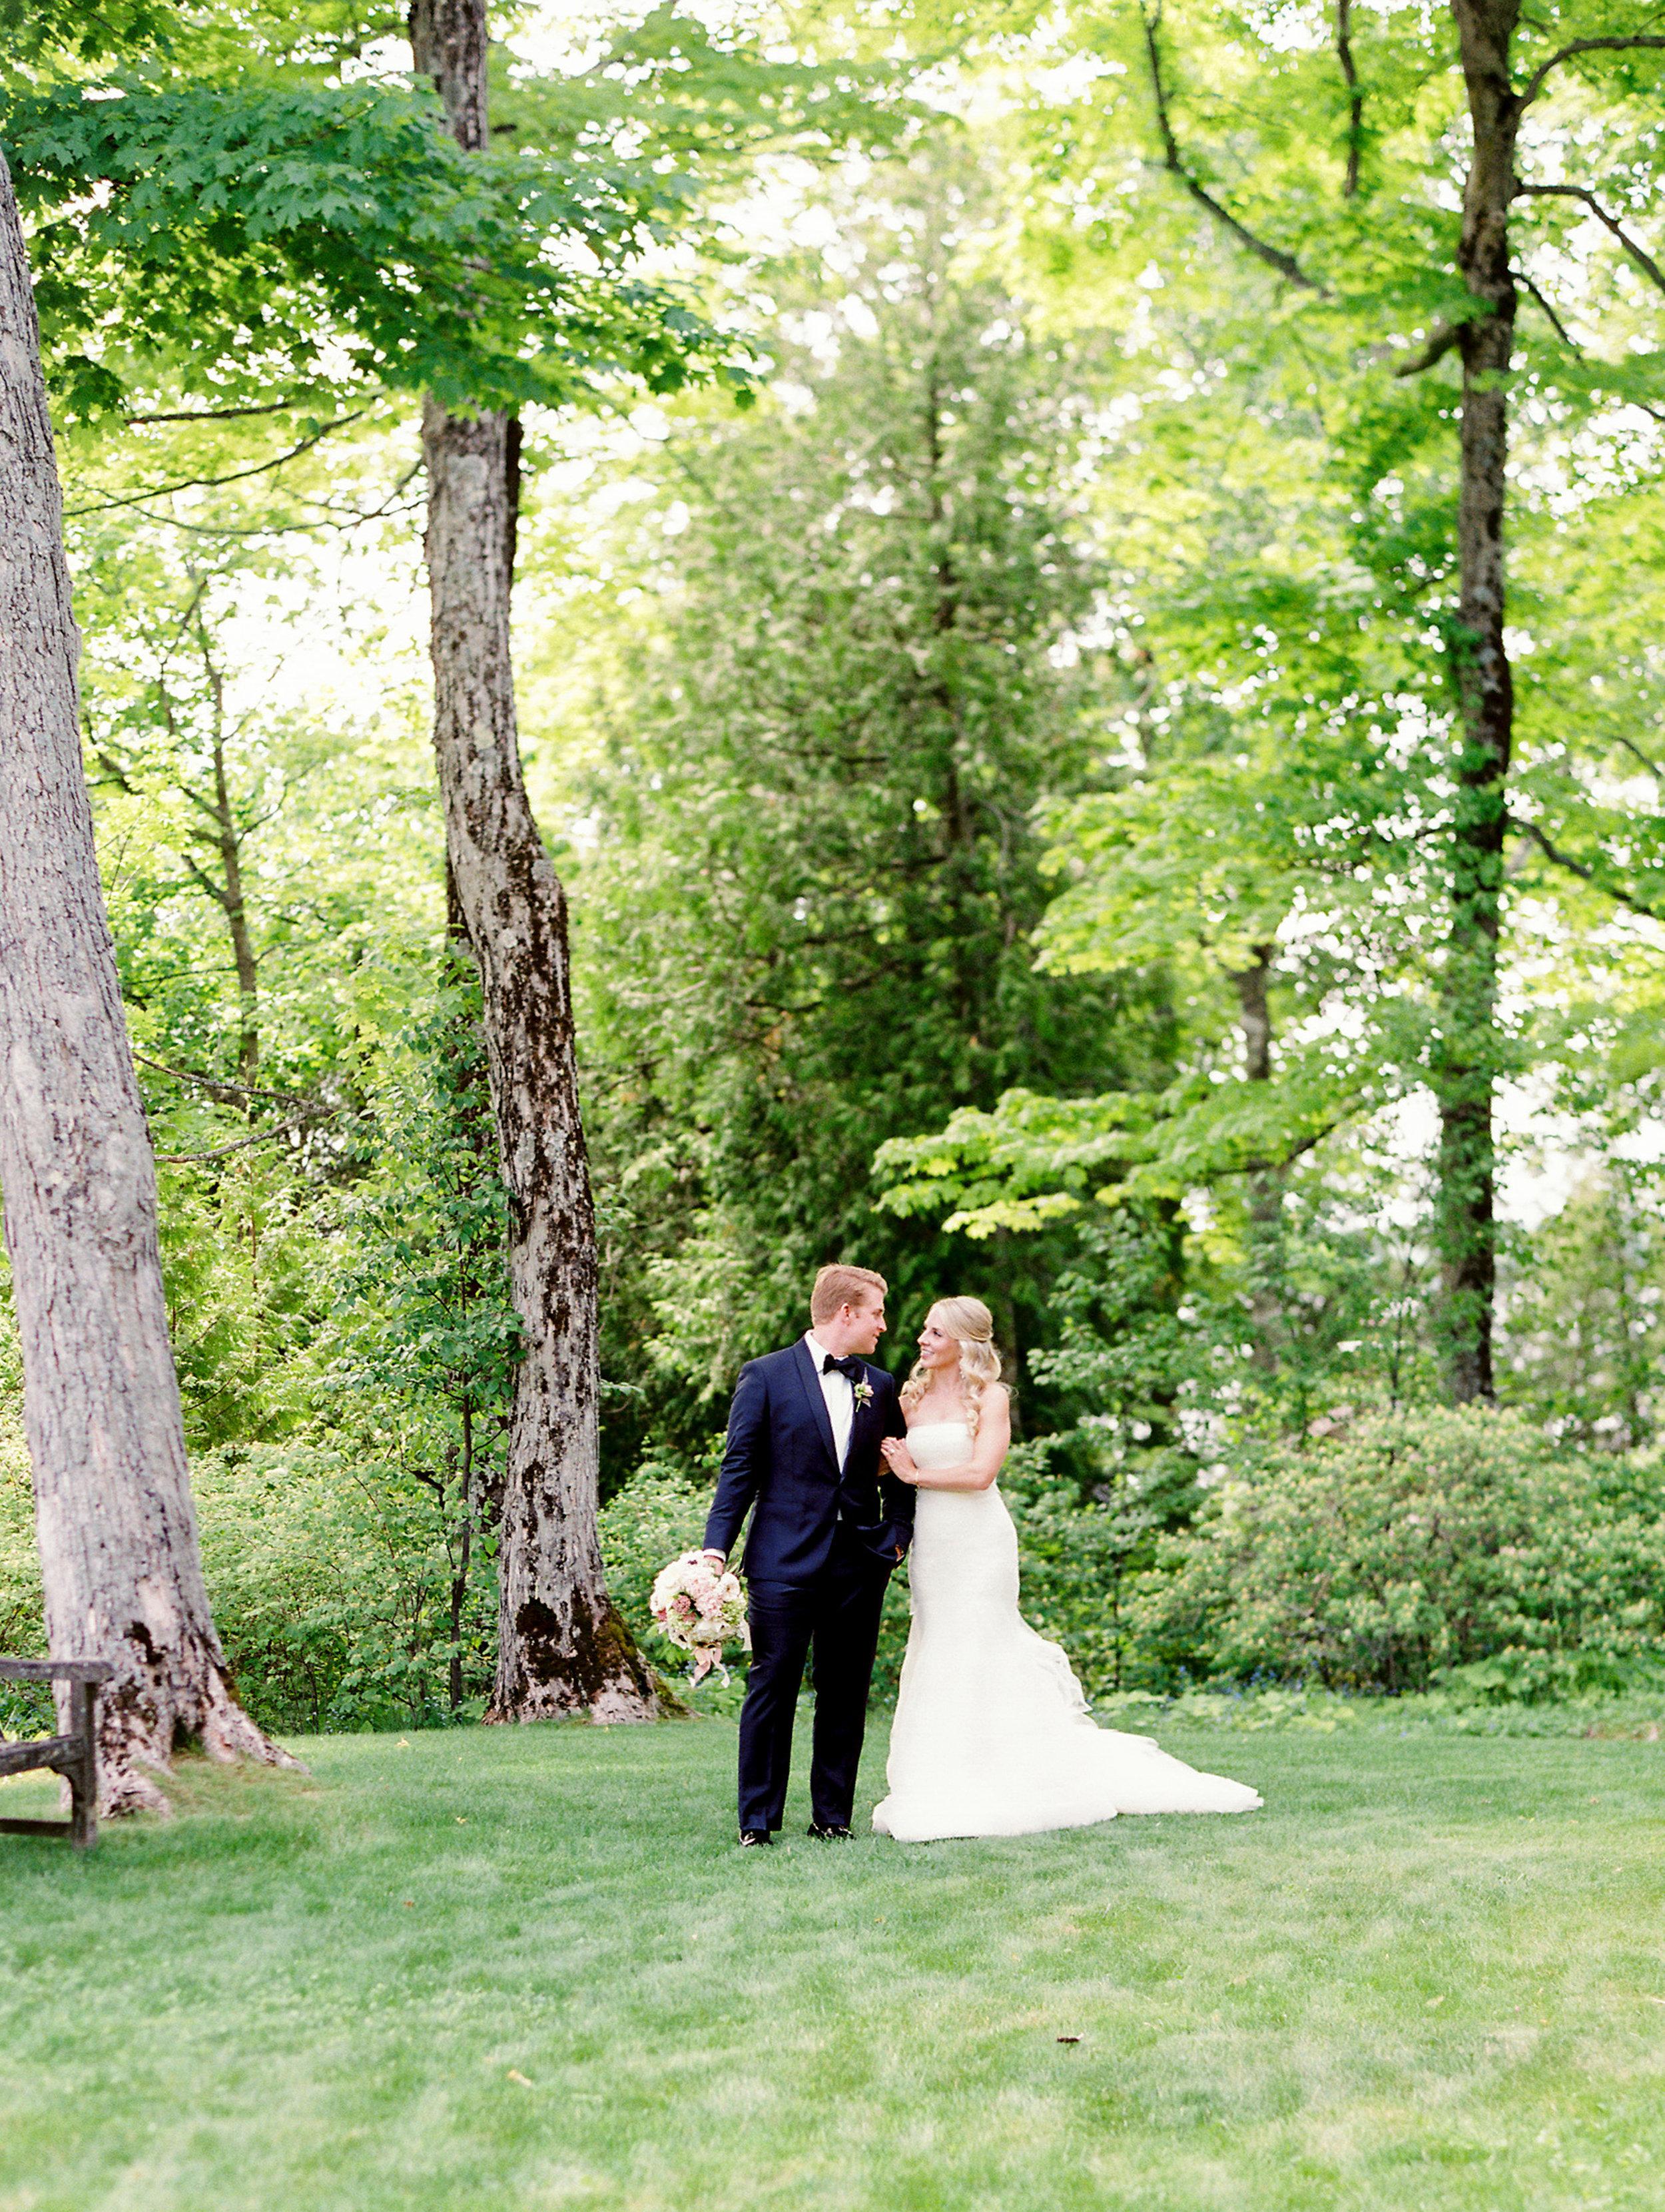 Coffman+Wedding+BrideGrooma-32.jpg